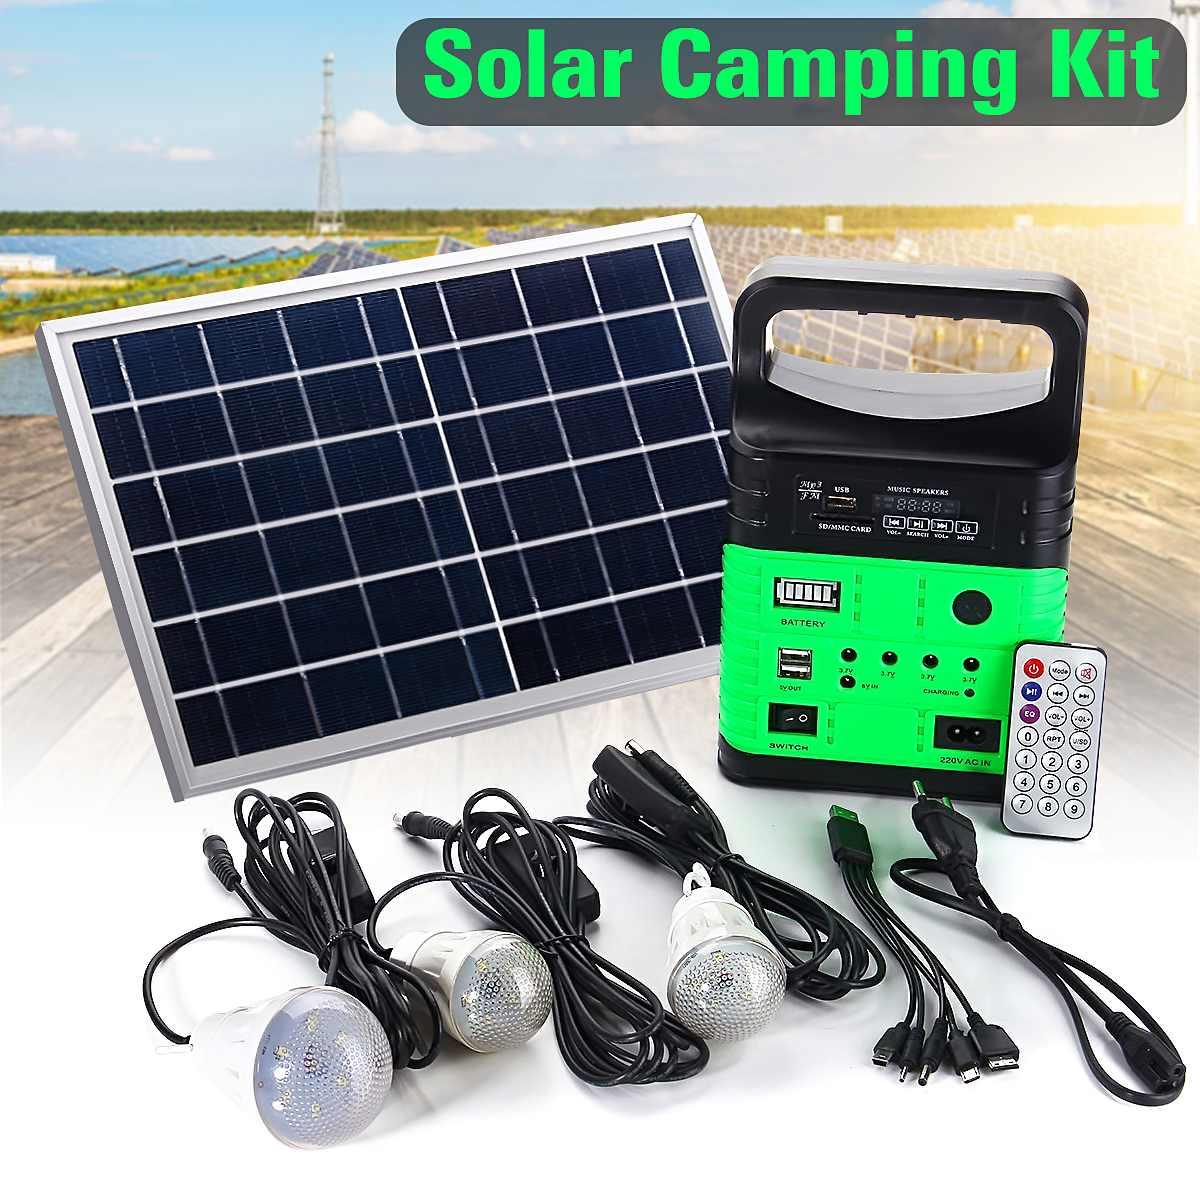 Smuxi gerador solar portátil de energia ao ar livre mini dc6w painel solar 6v-9ah chumbo-ácido de carregamento da bateria sistema de iluminação led